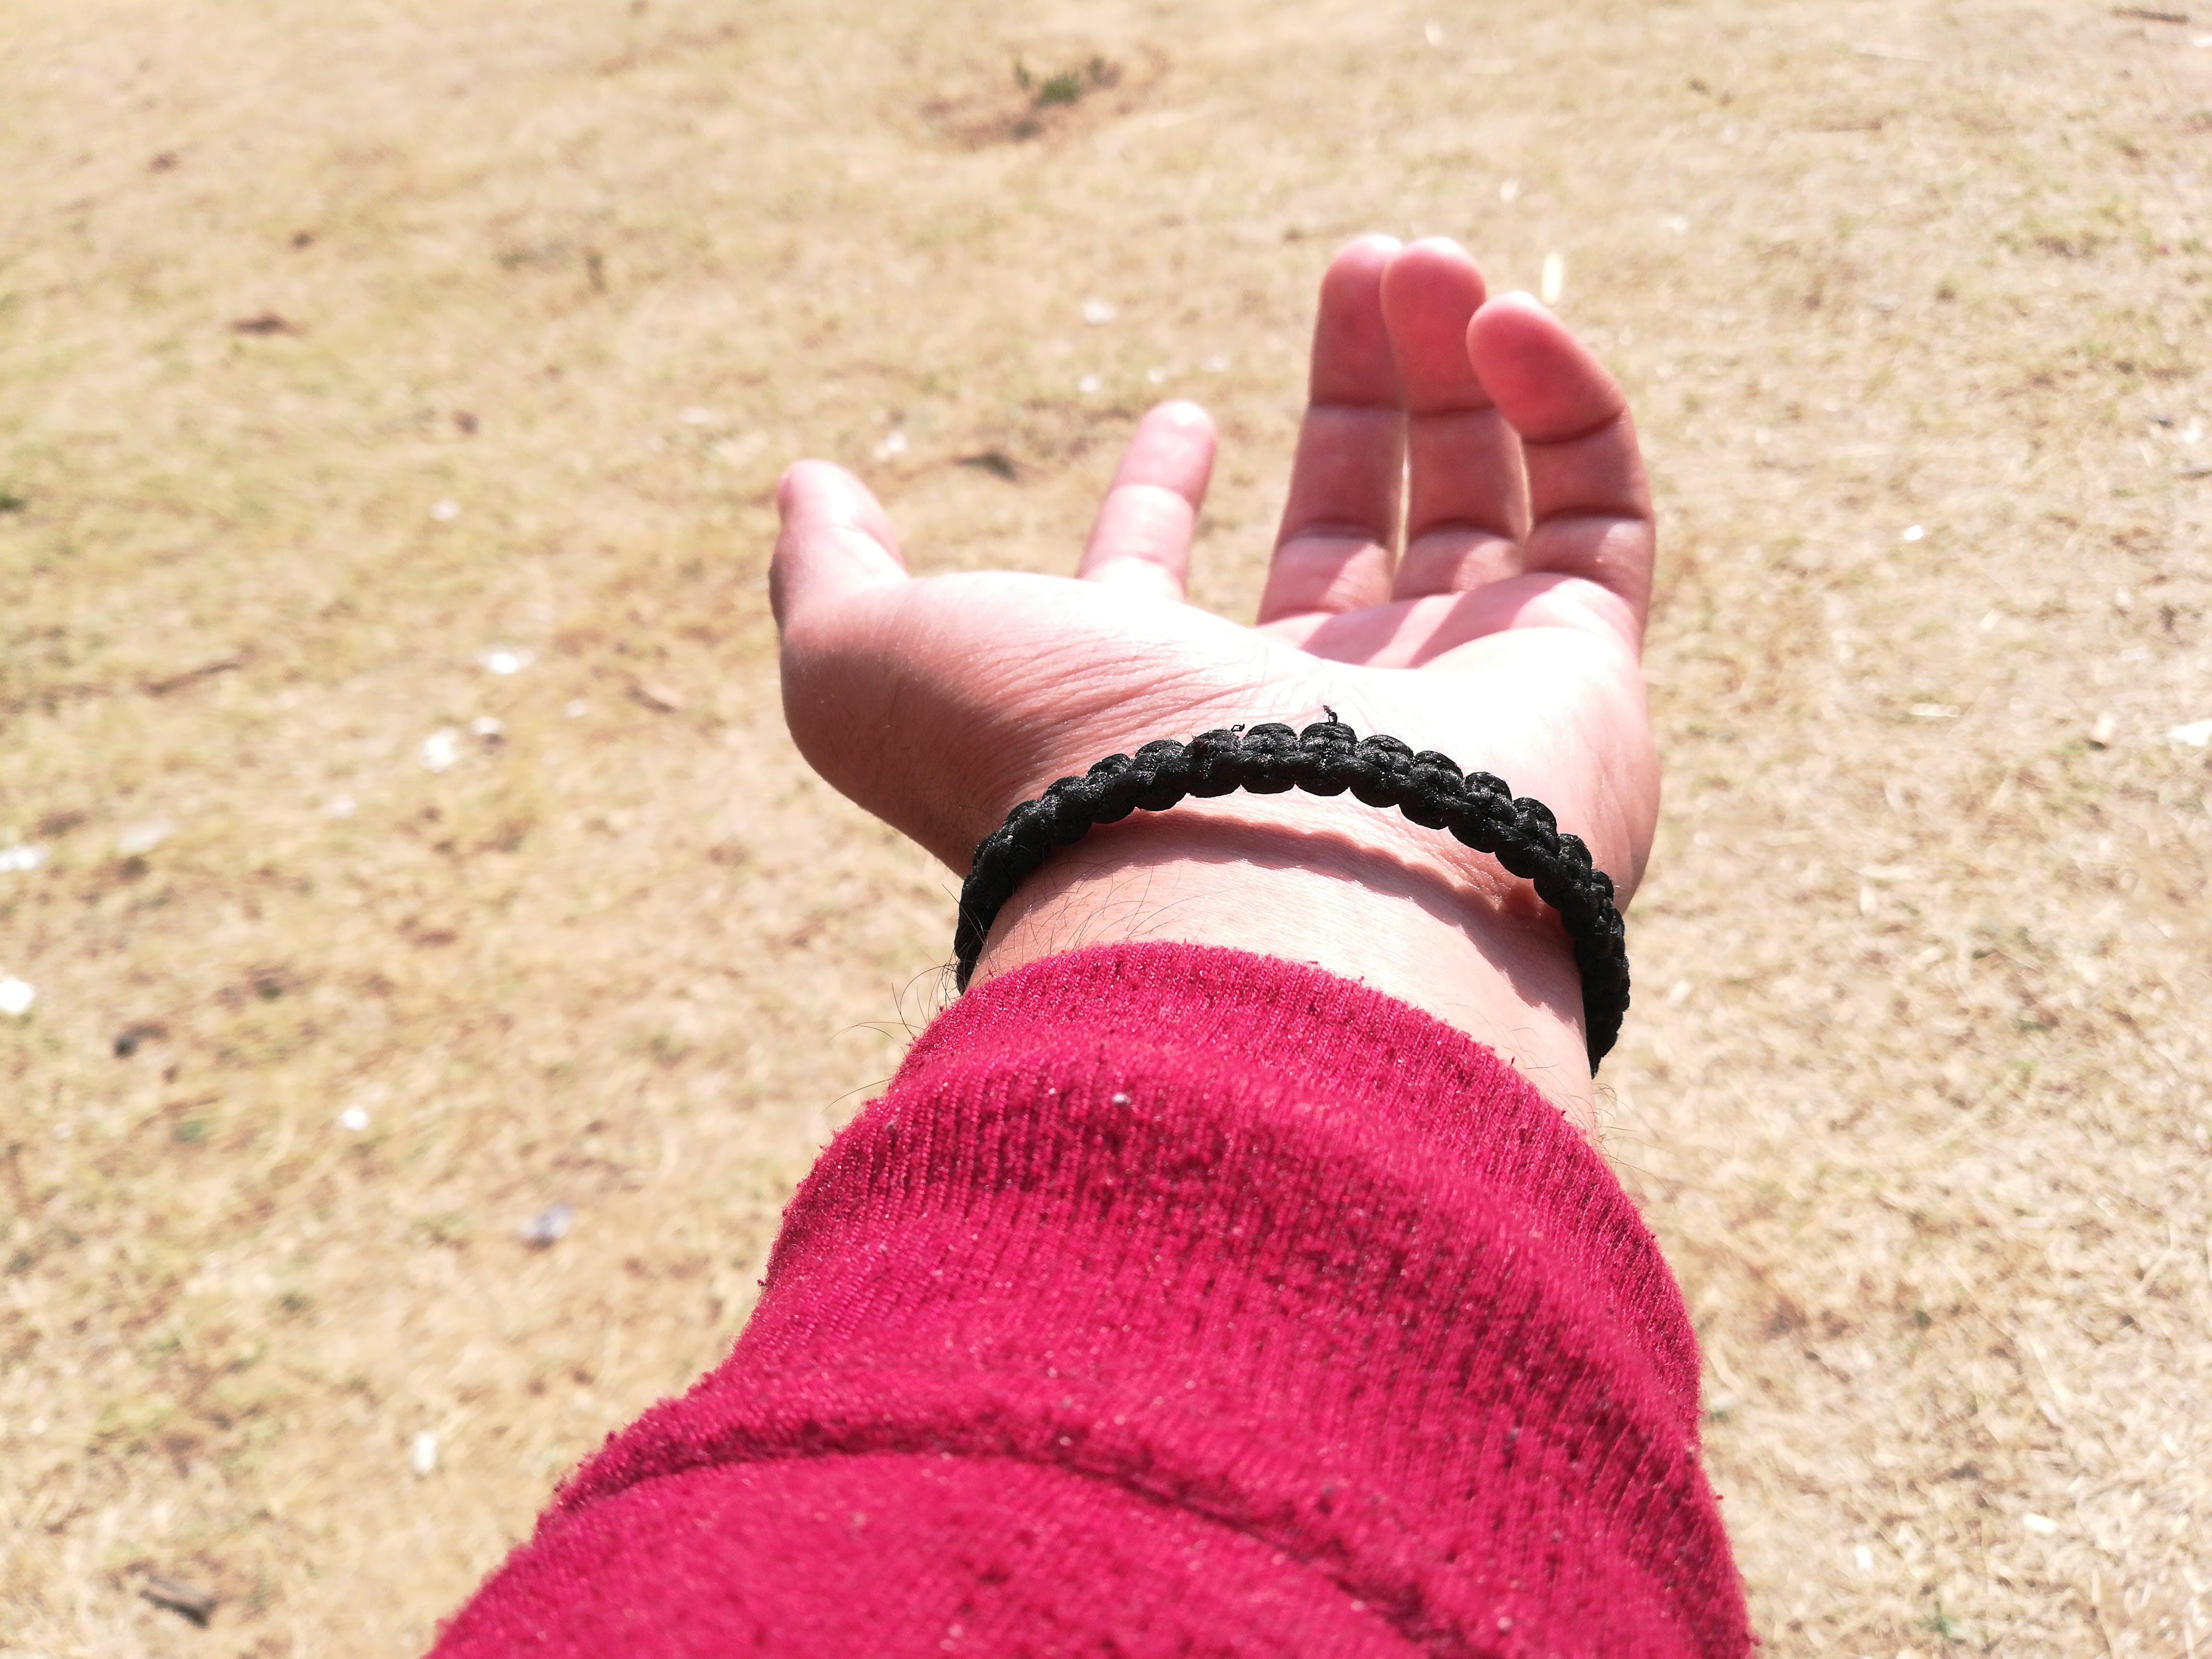 Δωρεάν στοκ φωτογραφιών με ανθρώπινος, κόκκινο, μέρος του σώματος, χέρι